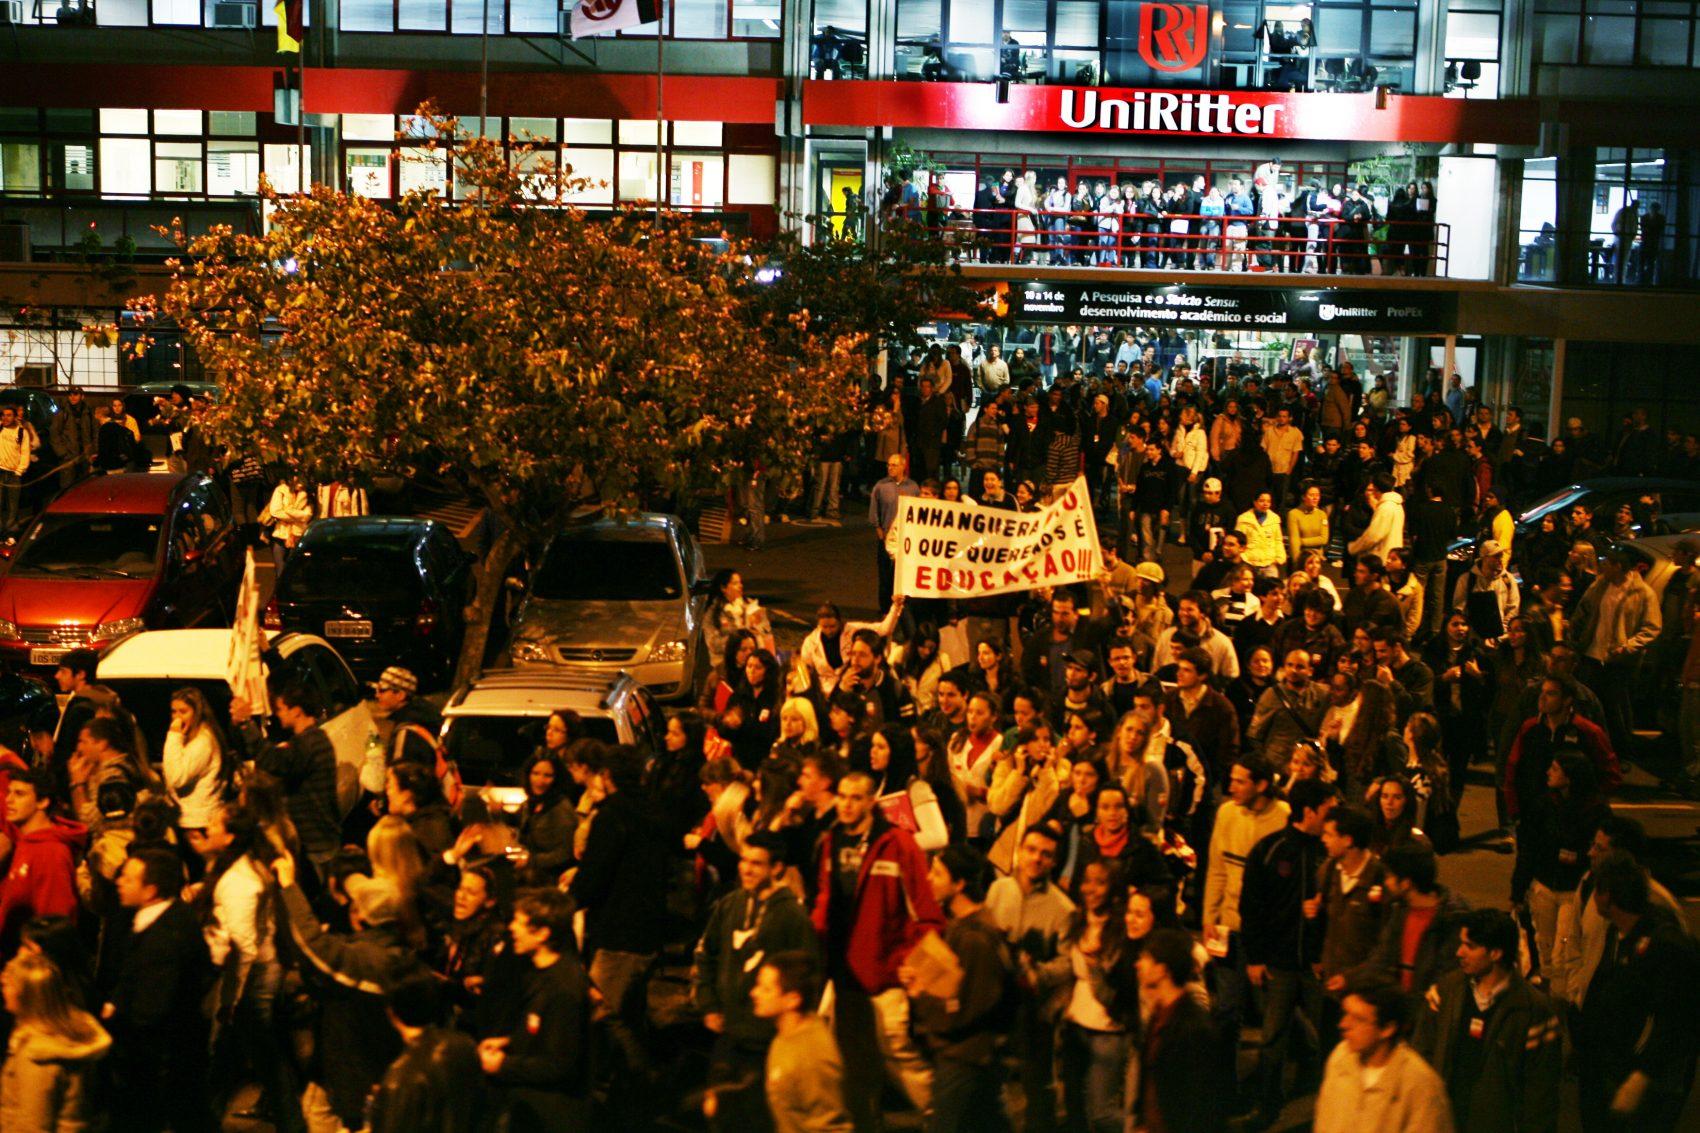 Em setembro de 2008, quando a UniRitter estava prestes a ser negociado com o Grupo Anhanguera, sindicatos, professores e estudantes protestaram contra a venda e a transação foi interrompida